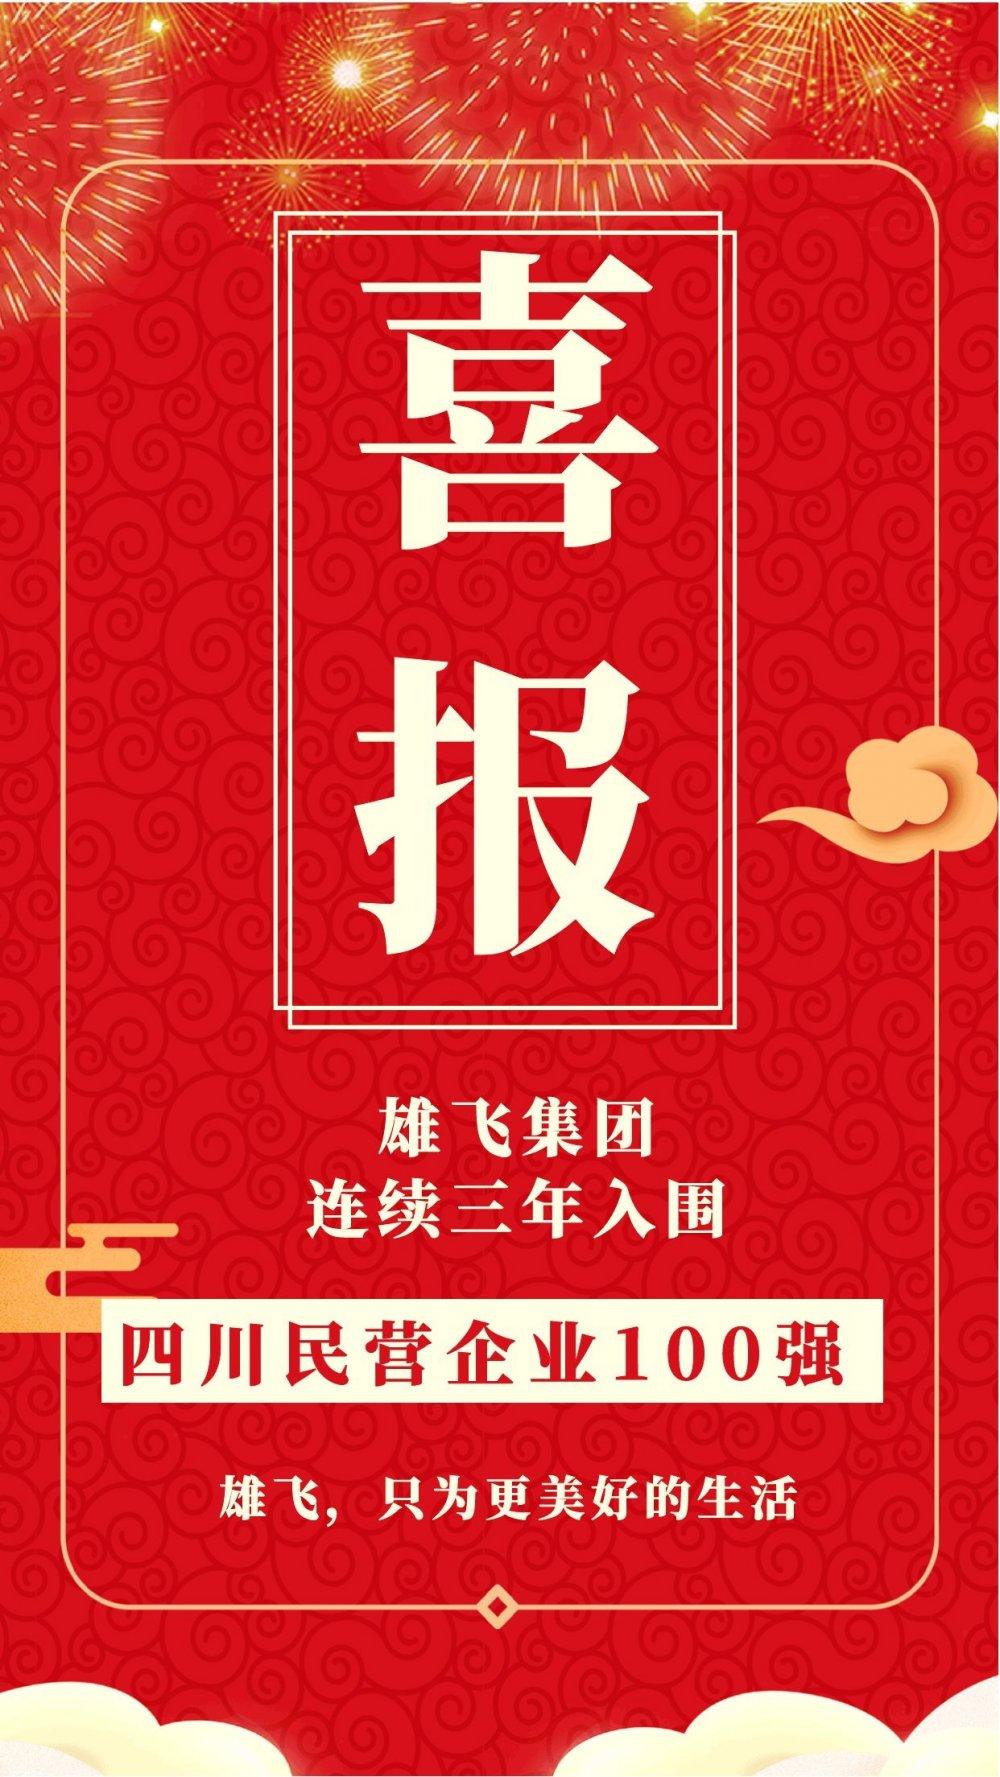 2020四川民营企业100强榜单出炉,雄飞集团连续三年入围